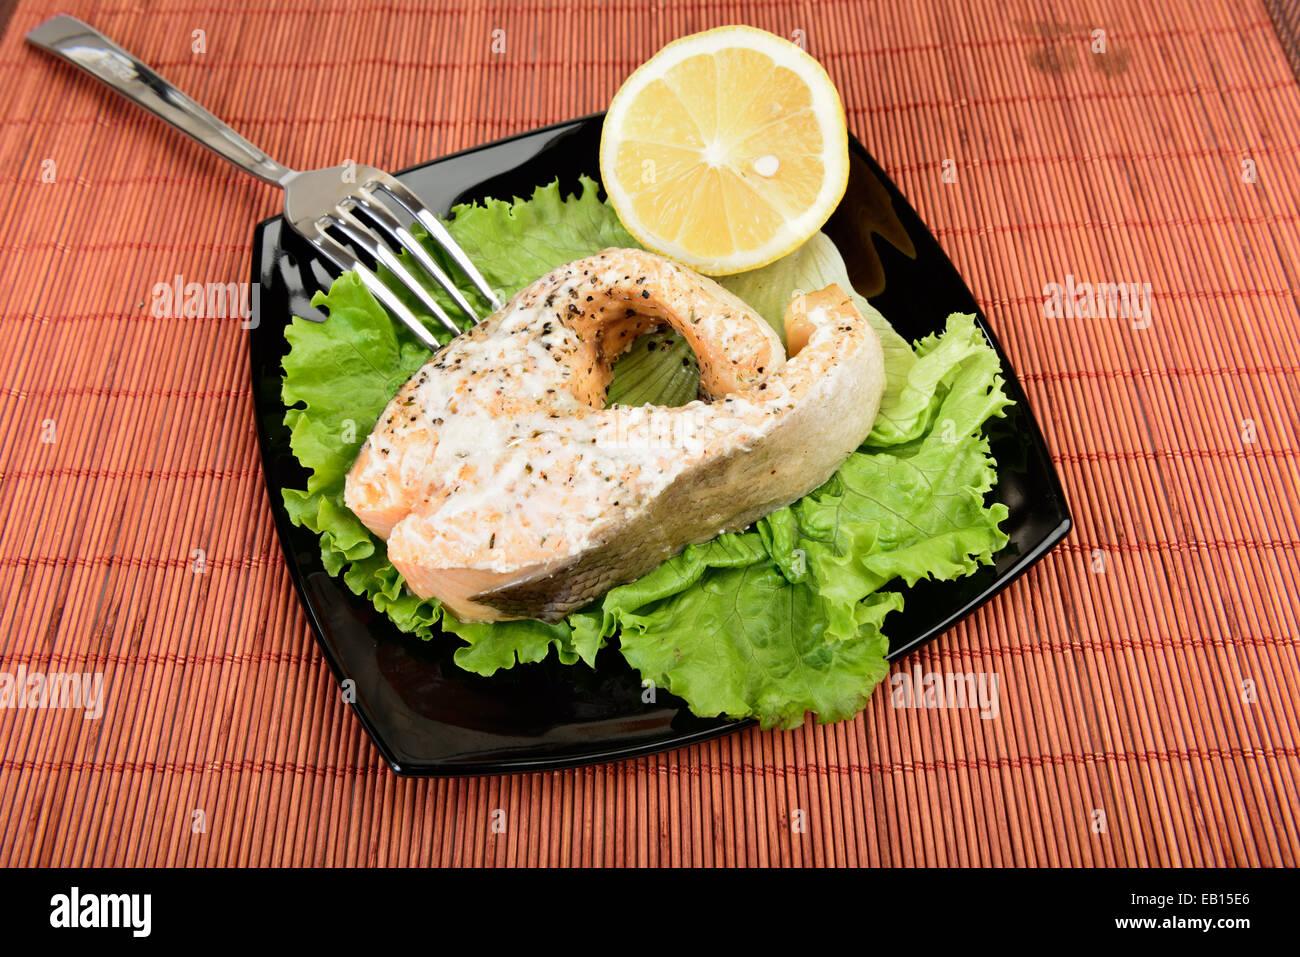 Salmon Steak ready to eat - Stock Image